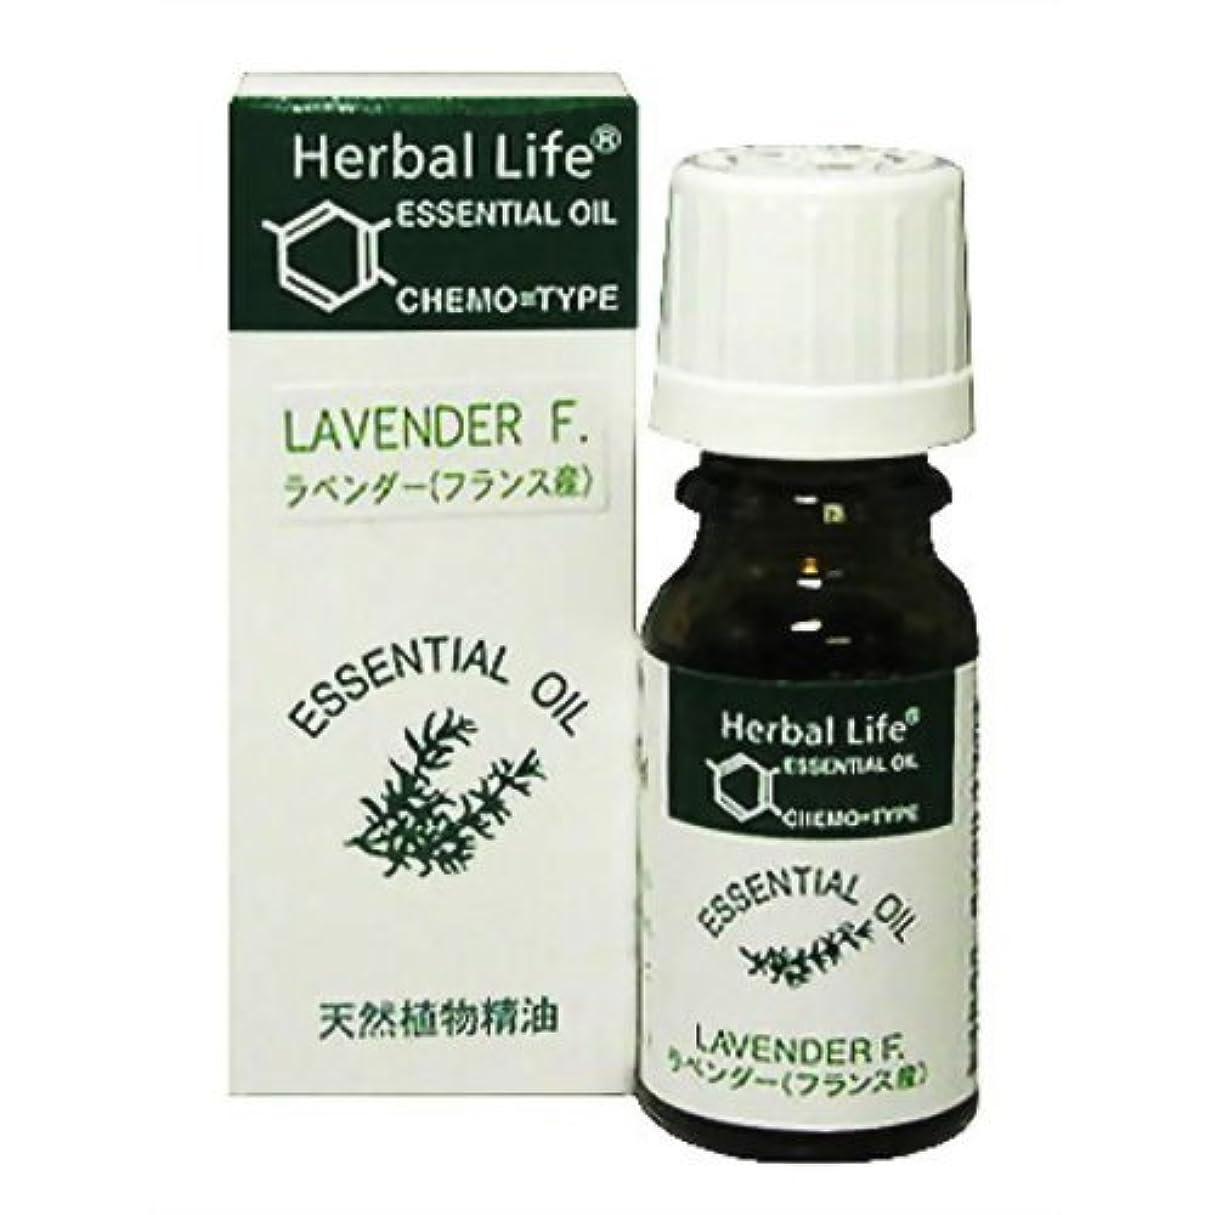 石鹸証言名門Herbal Life ラベンダー 10ml